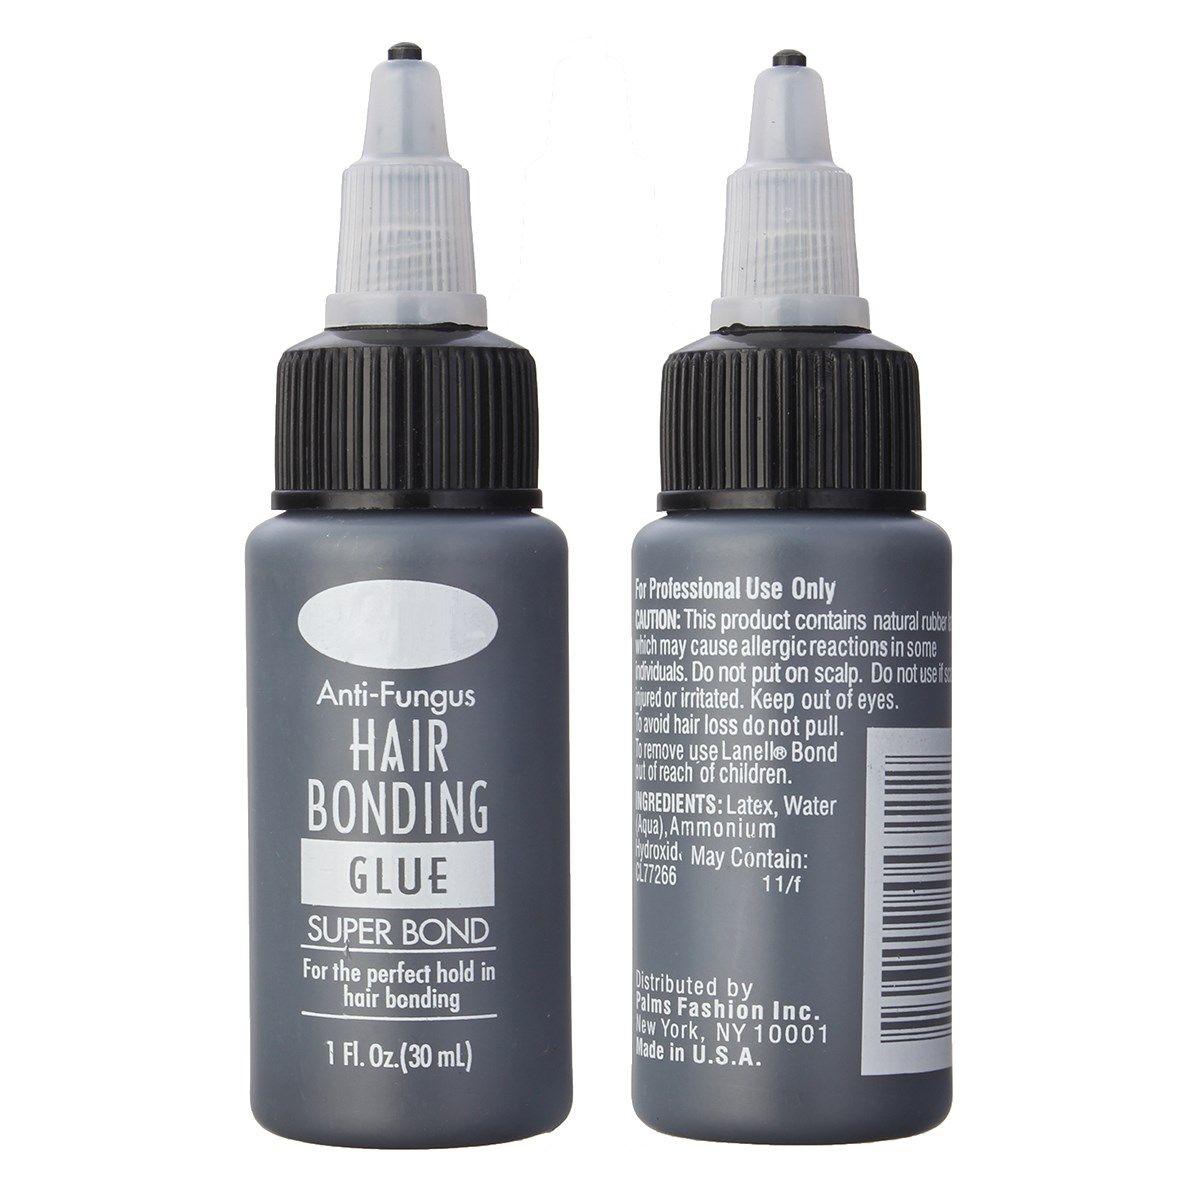 New 1bottle 1floz Hair Bonding Glue Super Bonding Liquid Glue For